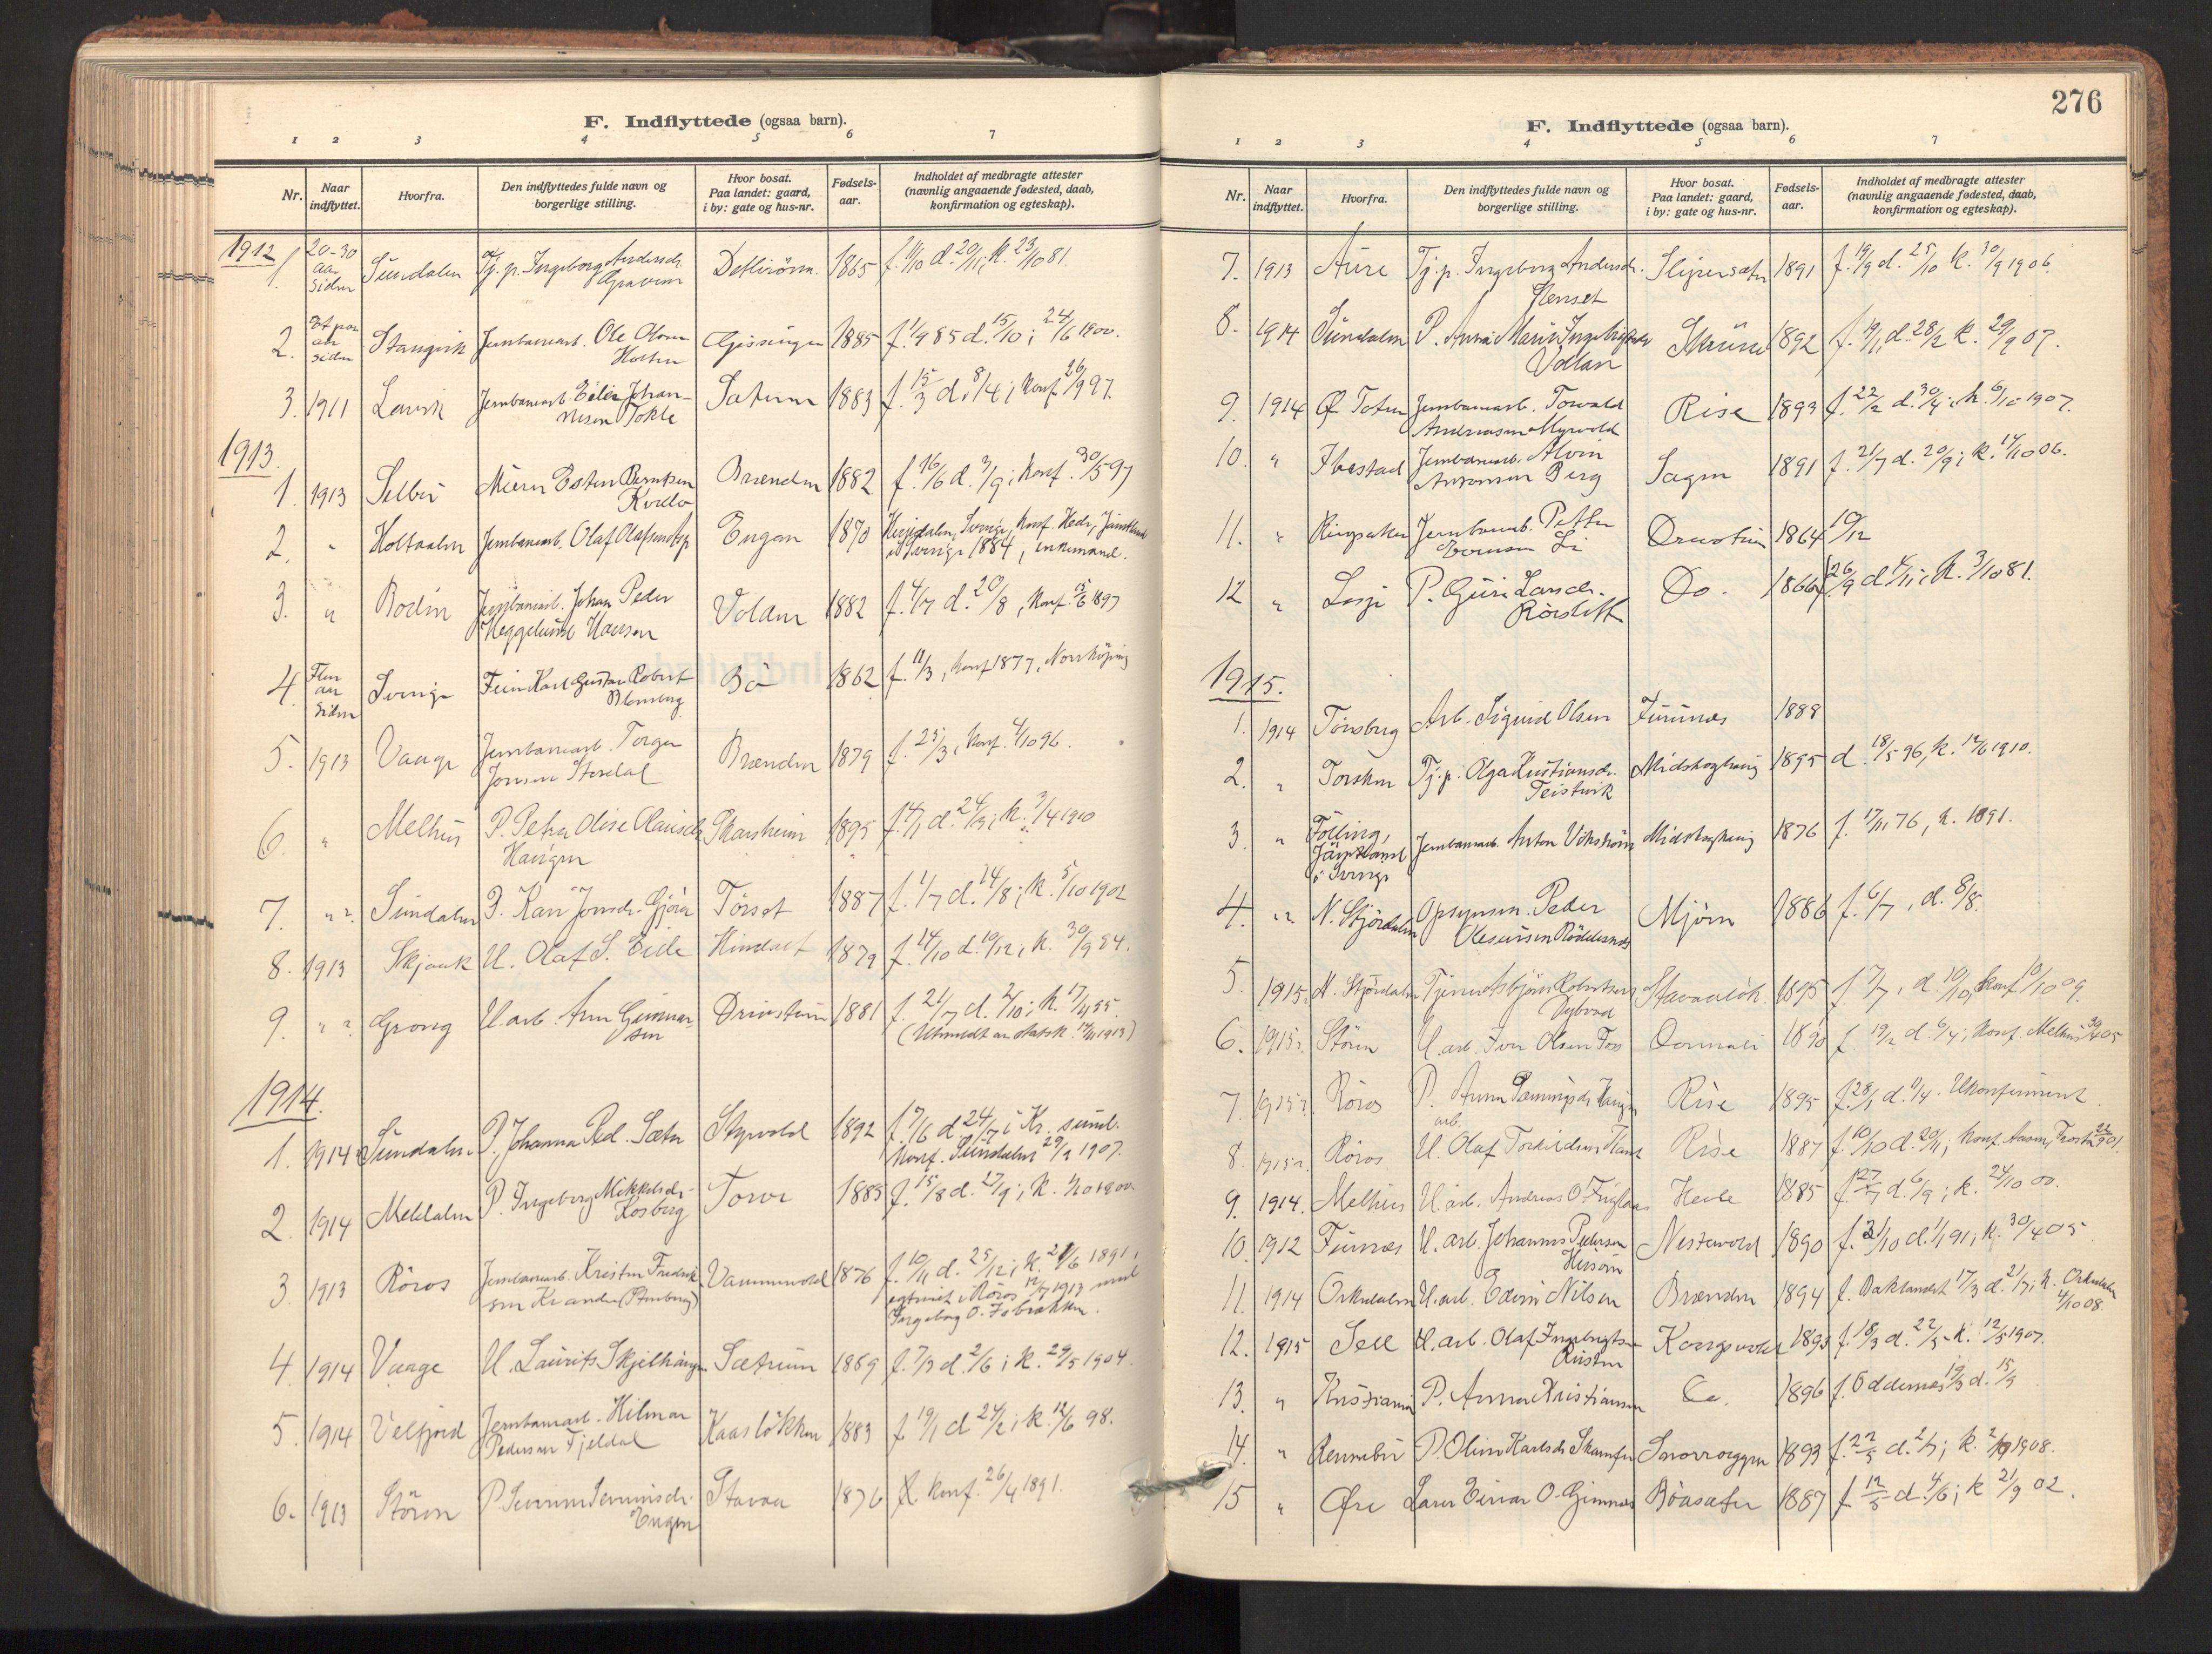 SAT, Ministerialprotokoller, klokkerbøker og fødselsregistre - Sør-Trøndelag, 678/L0909: Ministerialbok nr. 678A17, 1912-1930, s. 276